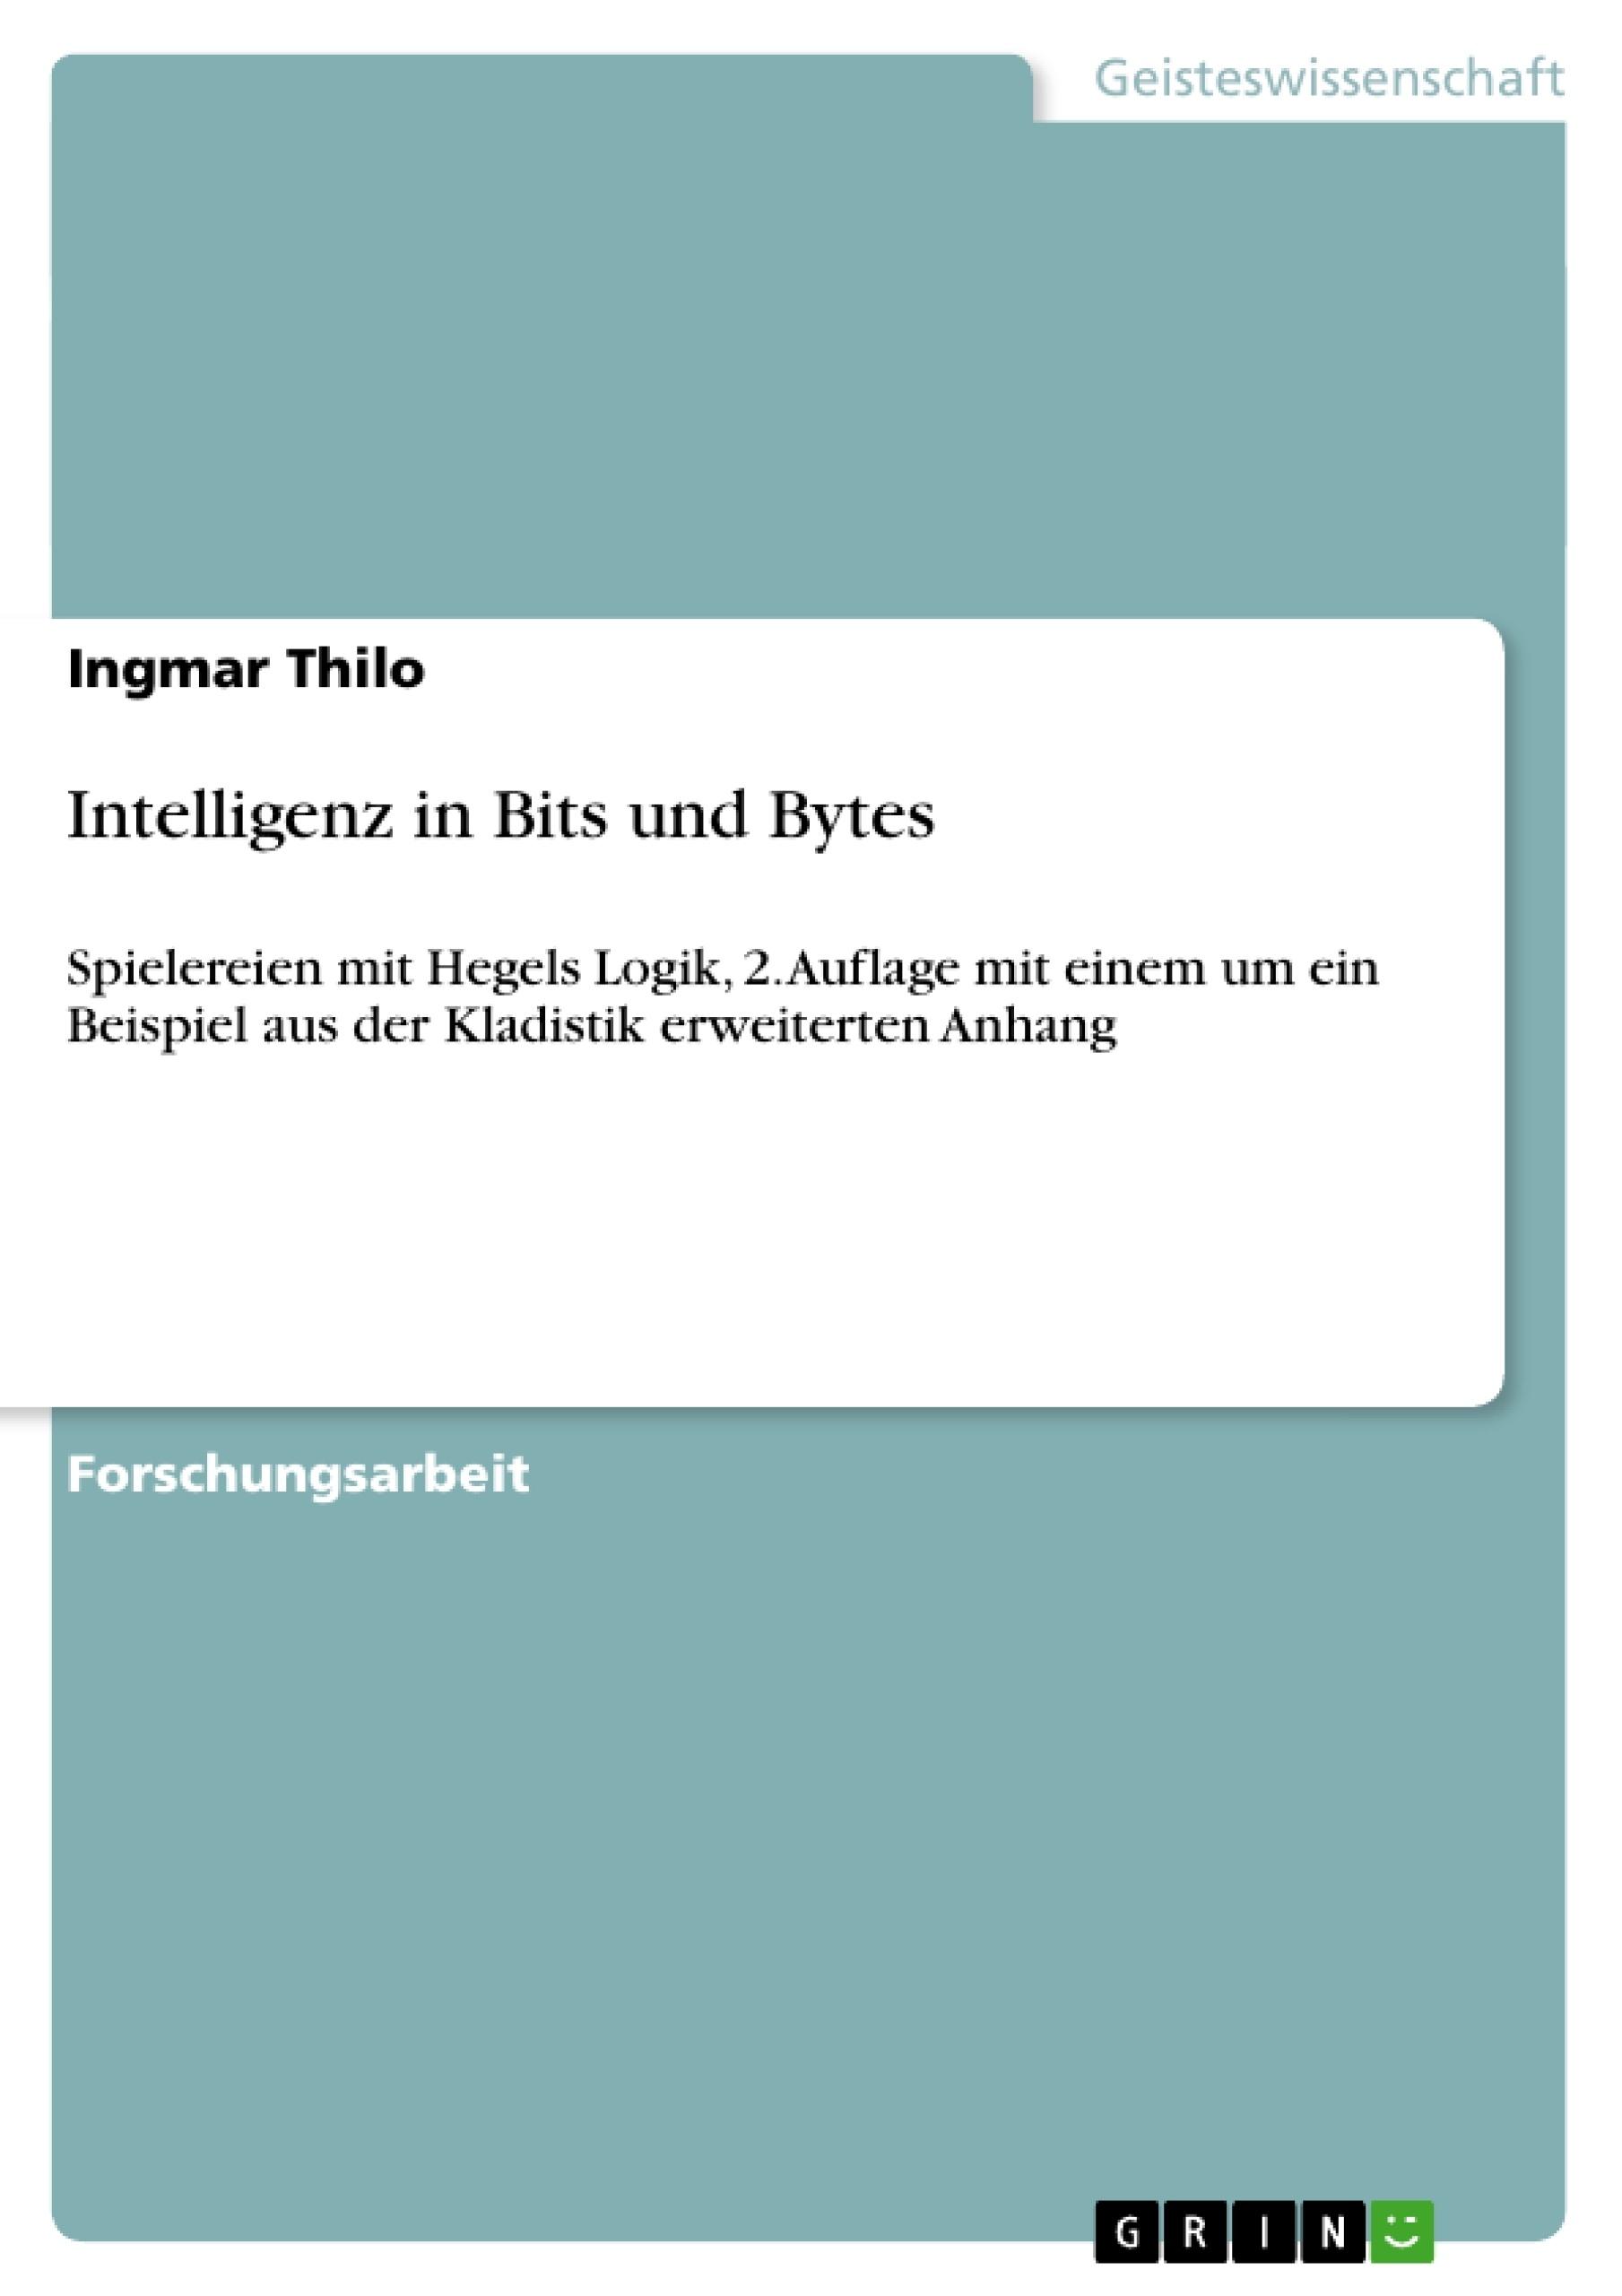 Titel: Intelligenz in Bits und Bytes